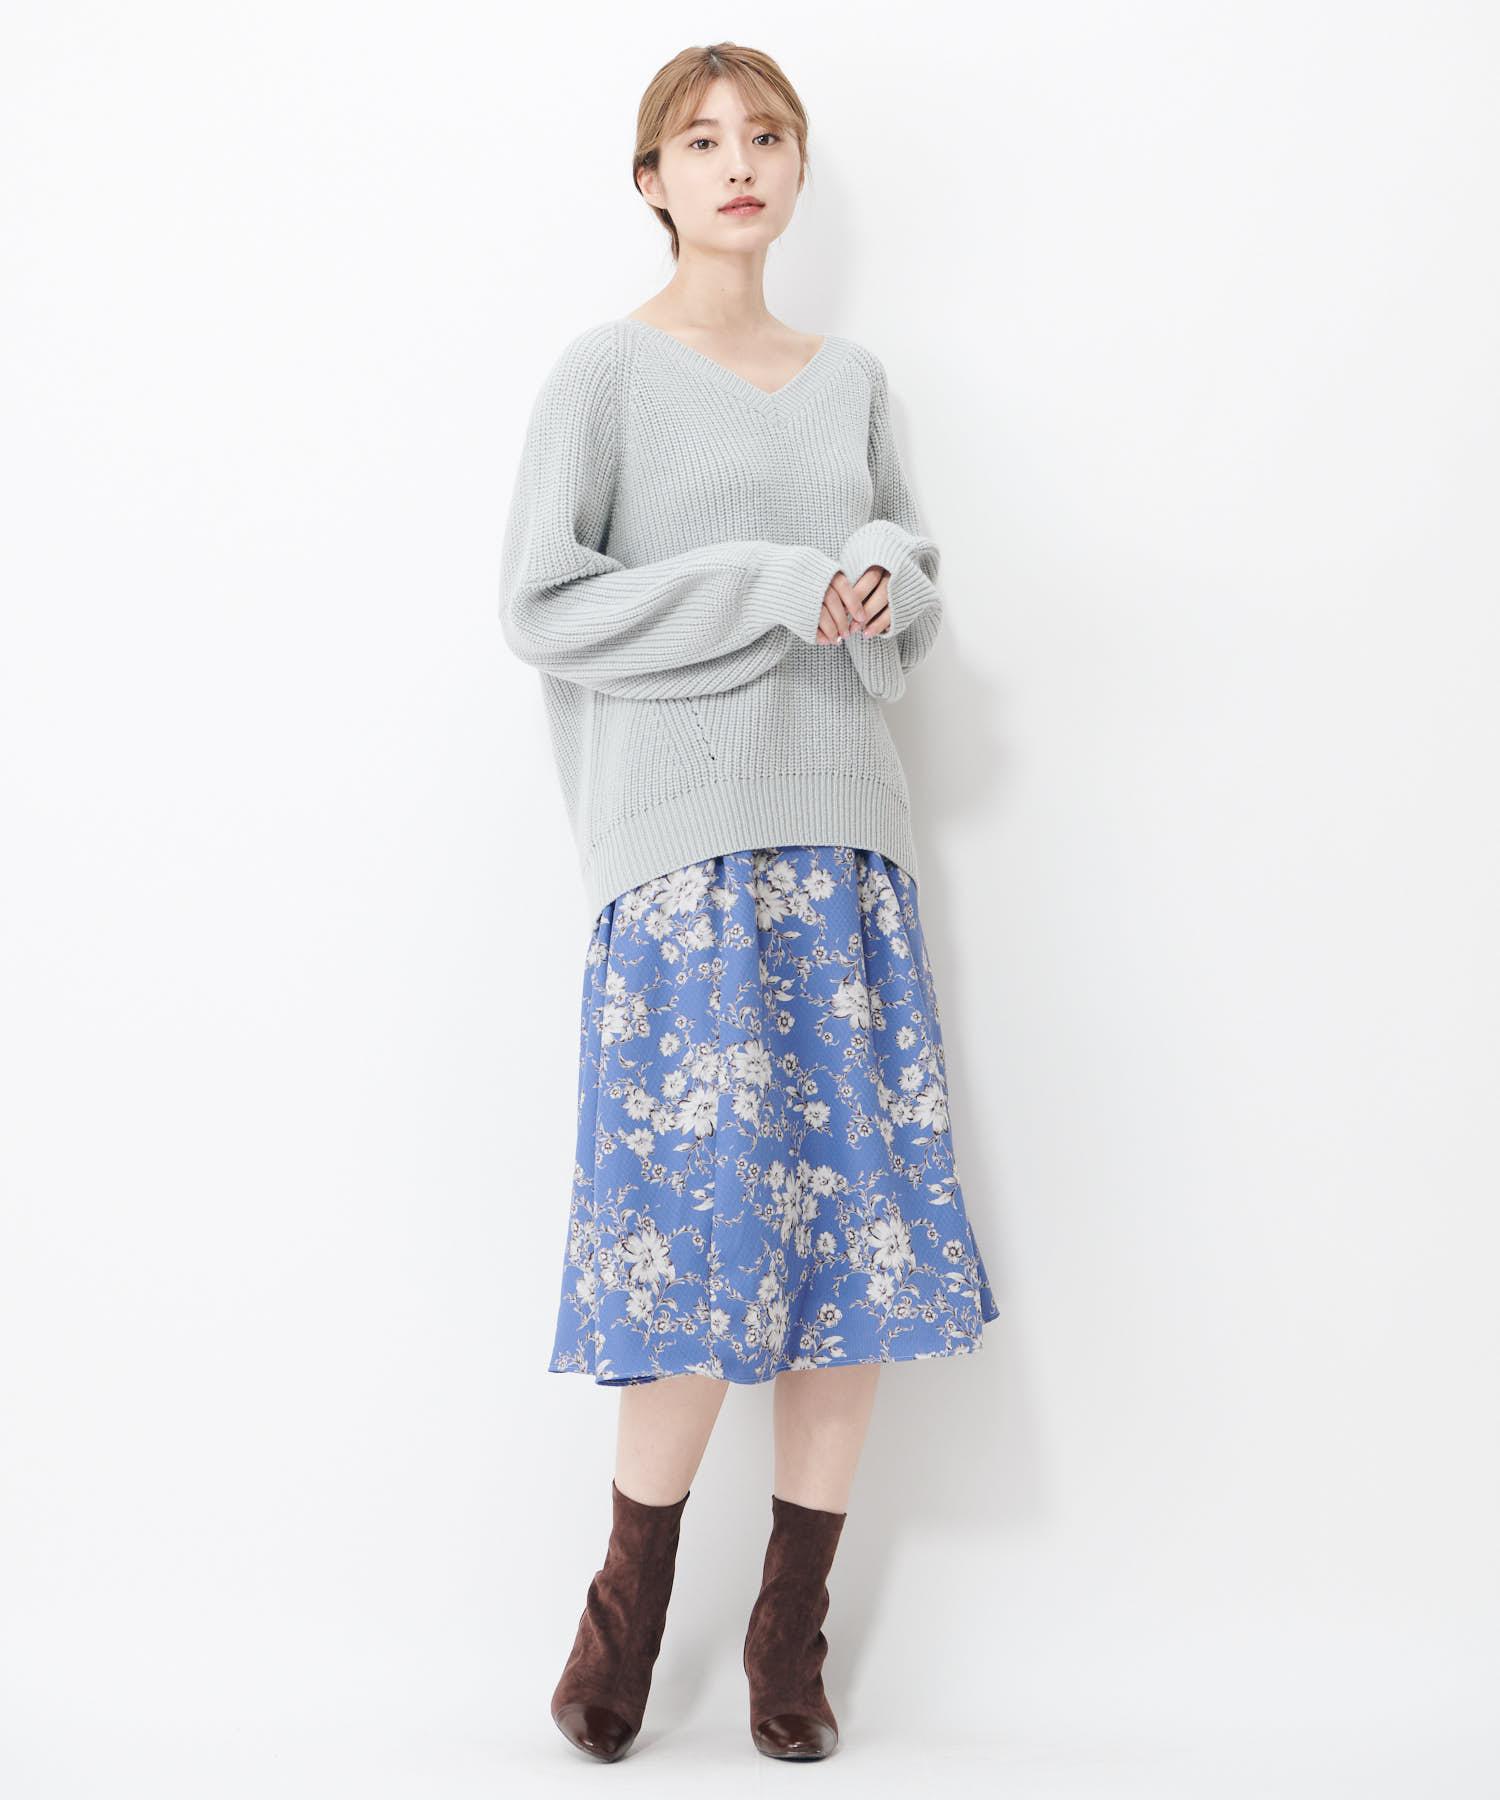 ツートンハナガラウエストギャザースカート